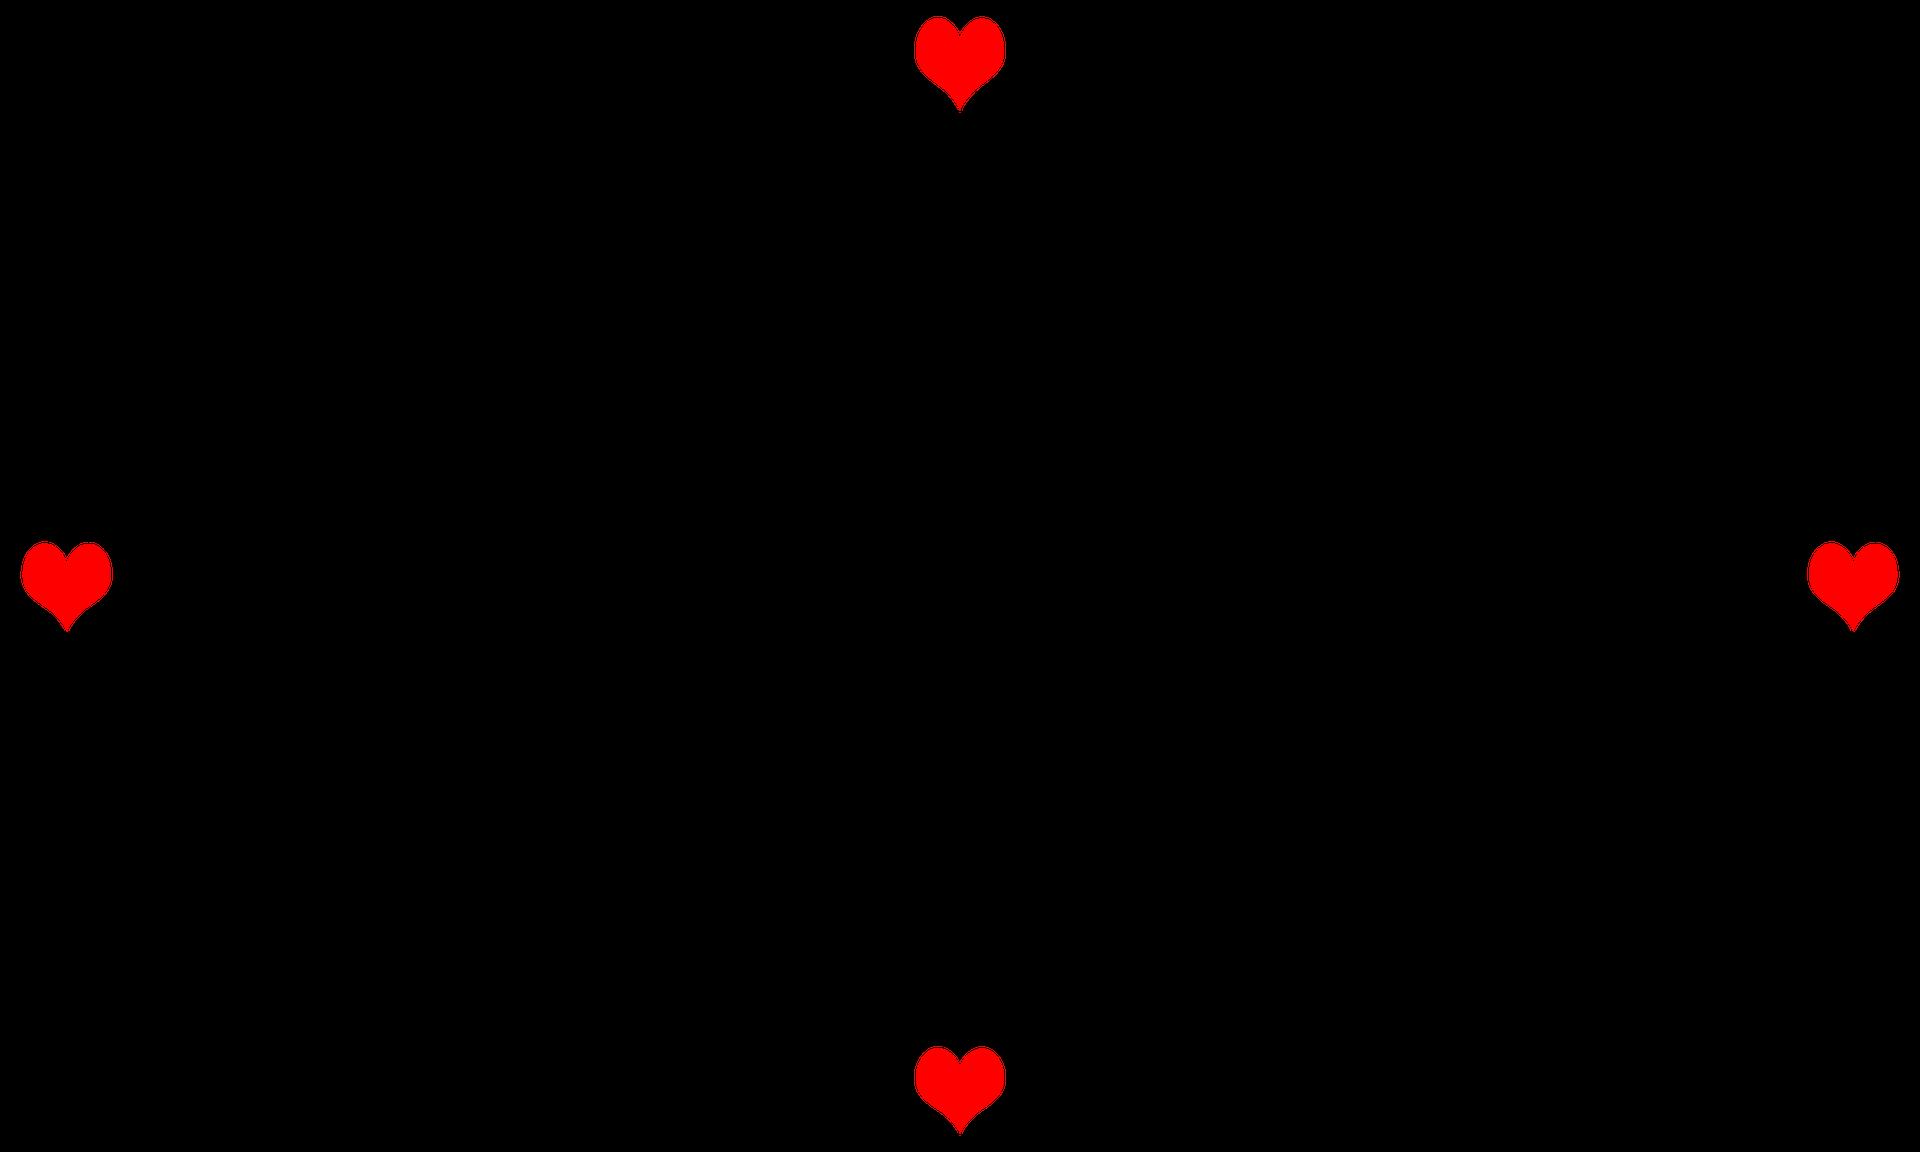 Frame ghép ảnh hình chữ nhật